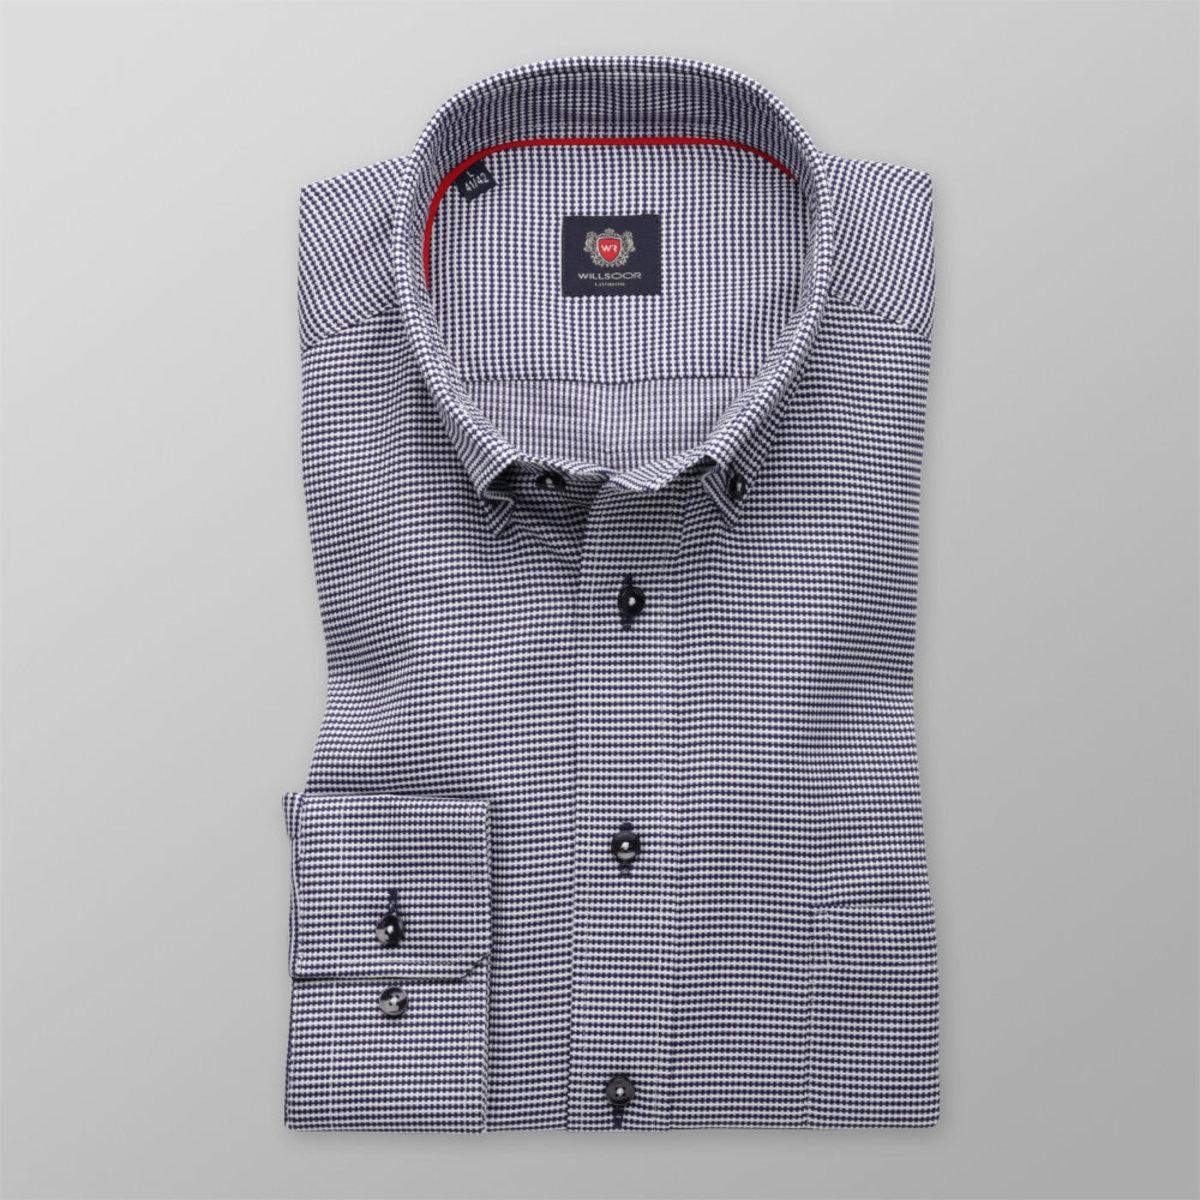 Pánská slim fit košile London (výška 176-182) 8589 se vzorem a úpravou easy care 176-182 / L (41/42)